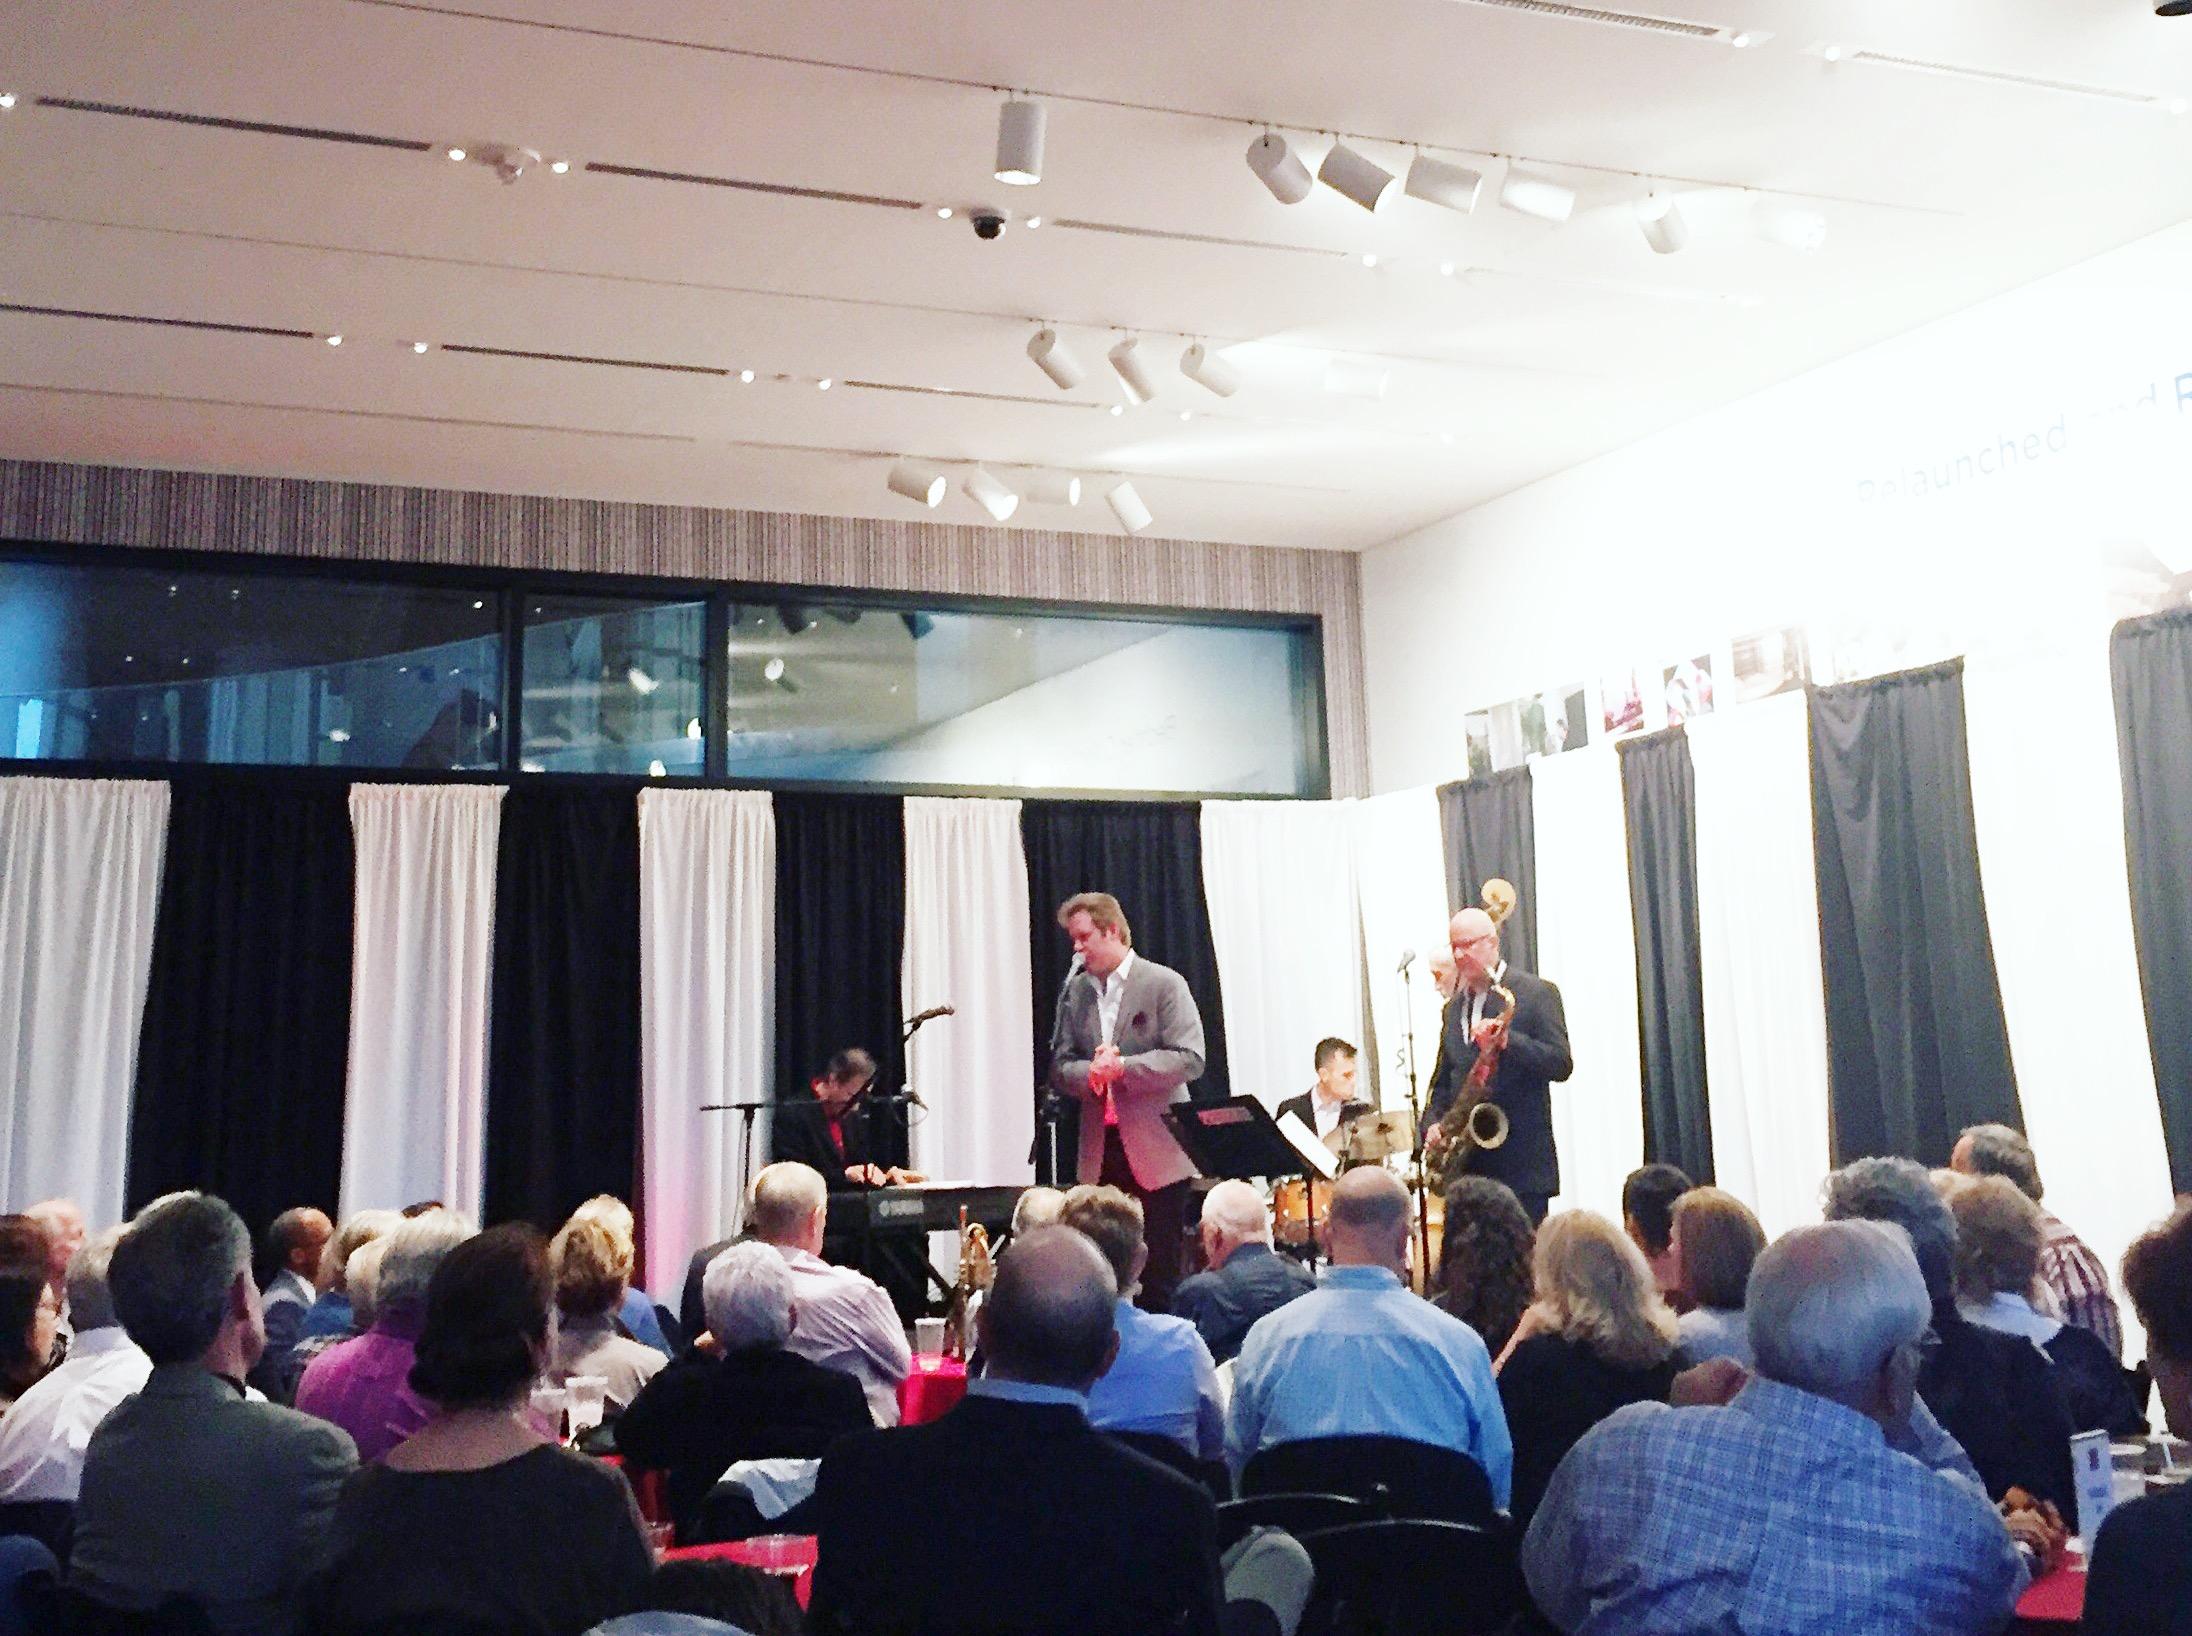 Joe Gransden & Ziad Jazz Quartet | Jazz at the Bechtler | Charlotte, NC